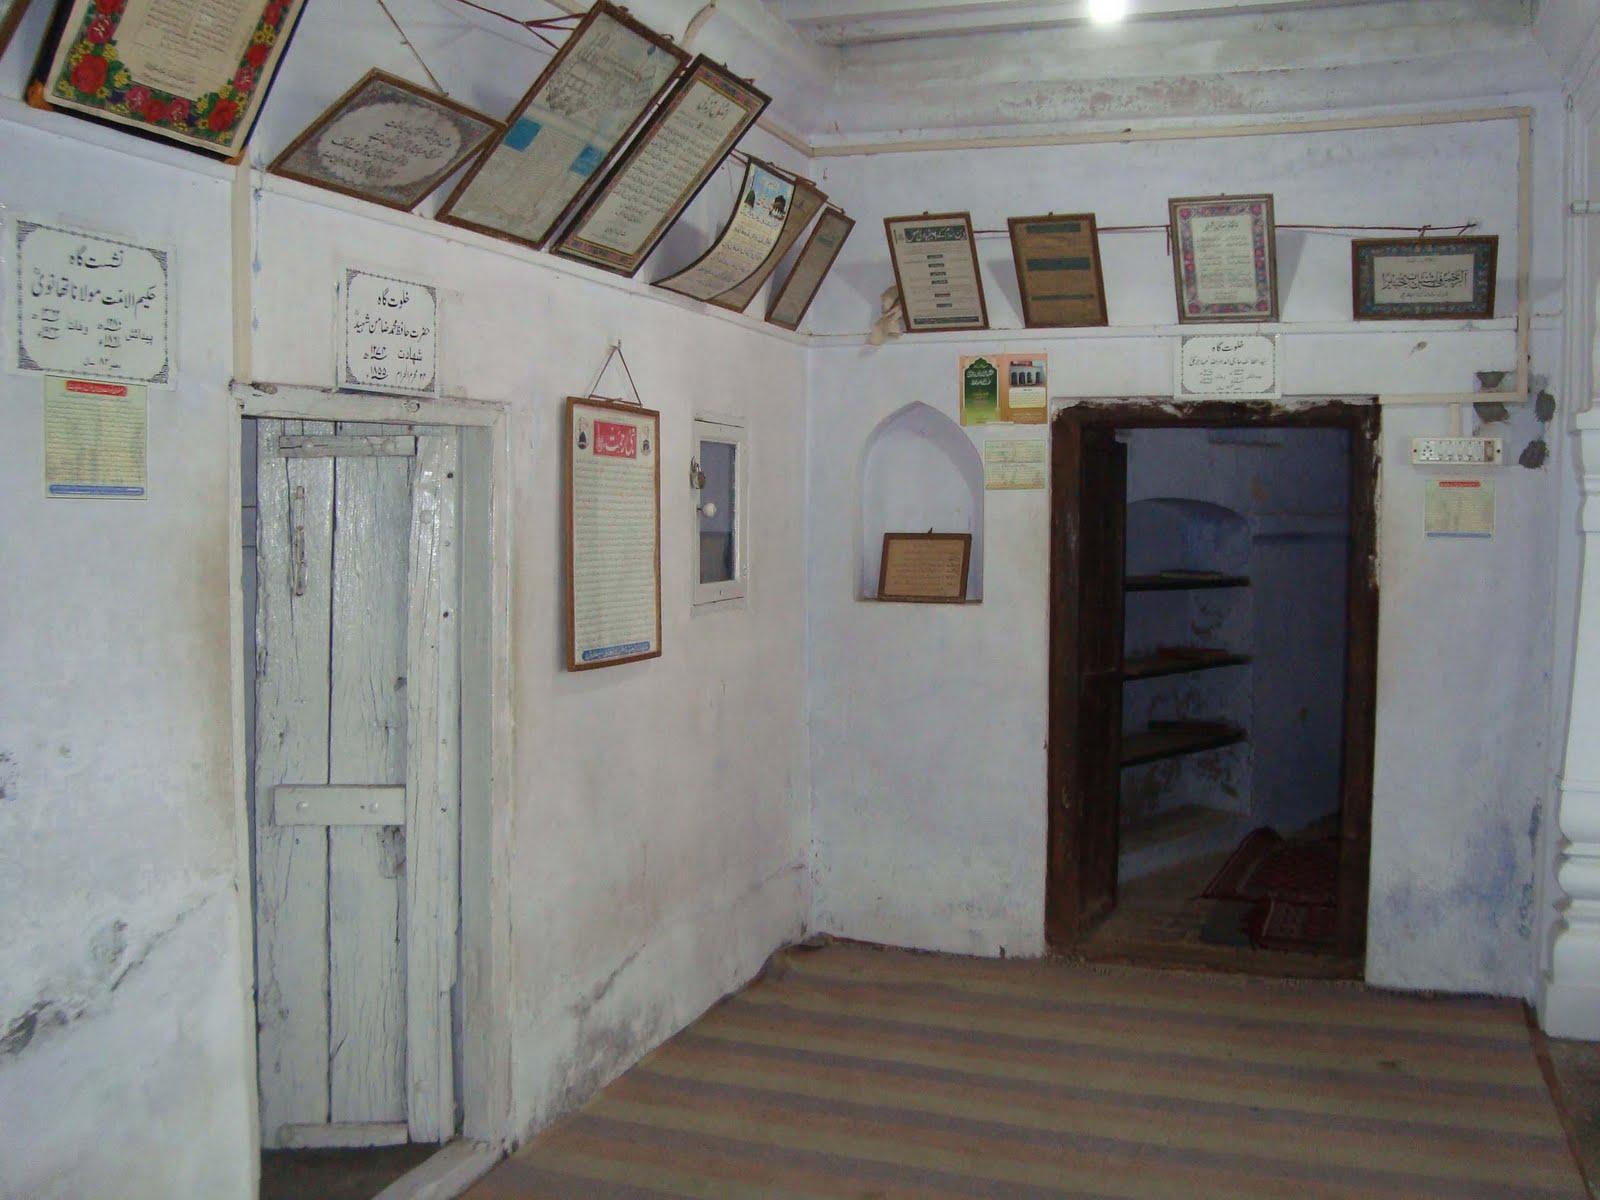 1280-1362 AH: Maulana Ashraf Ali Thanvi